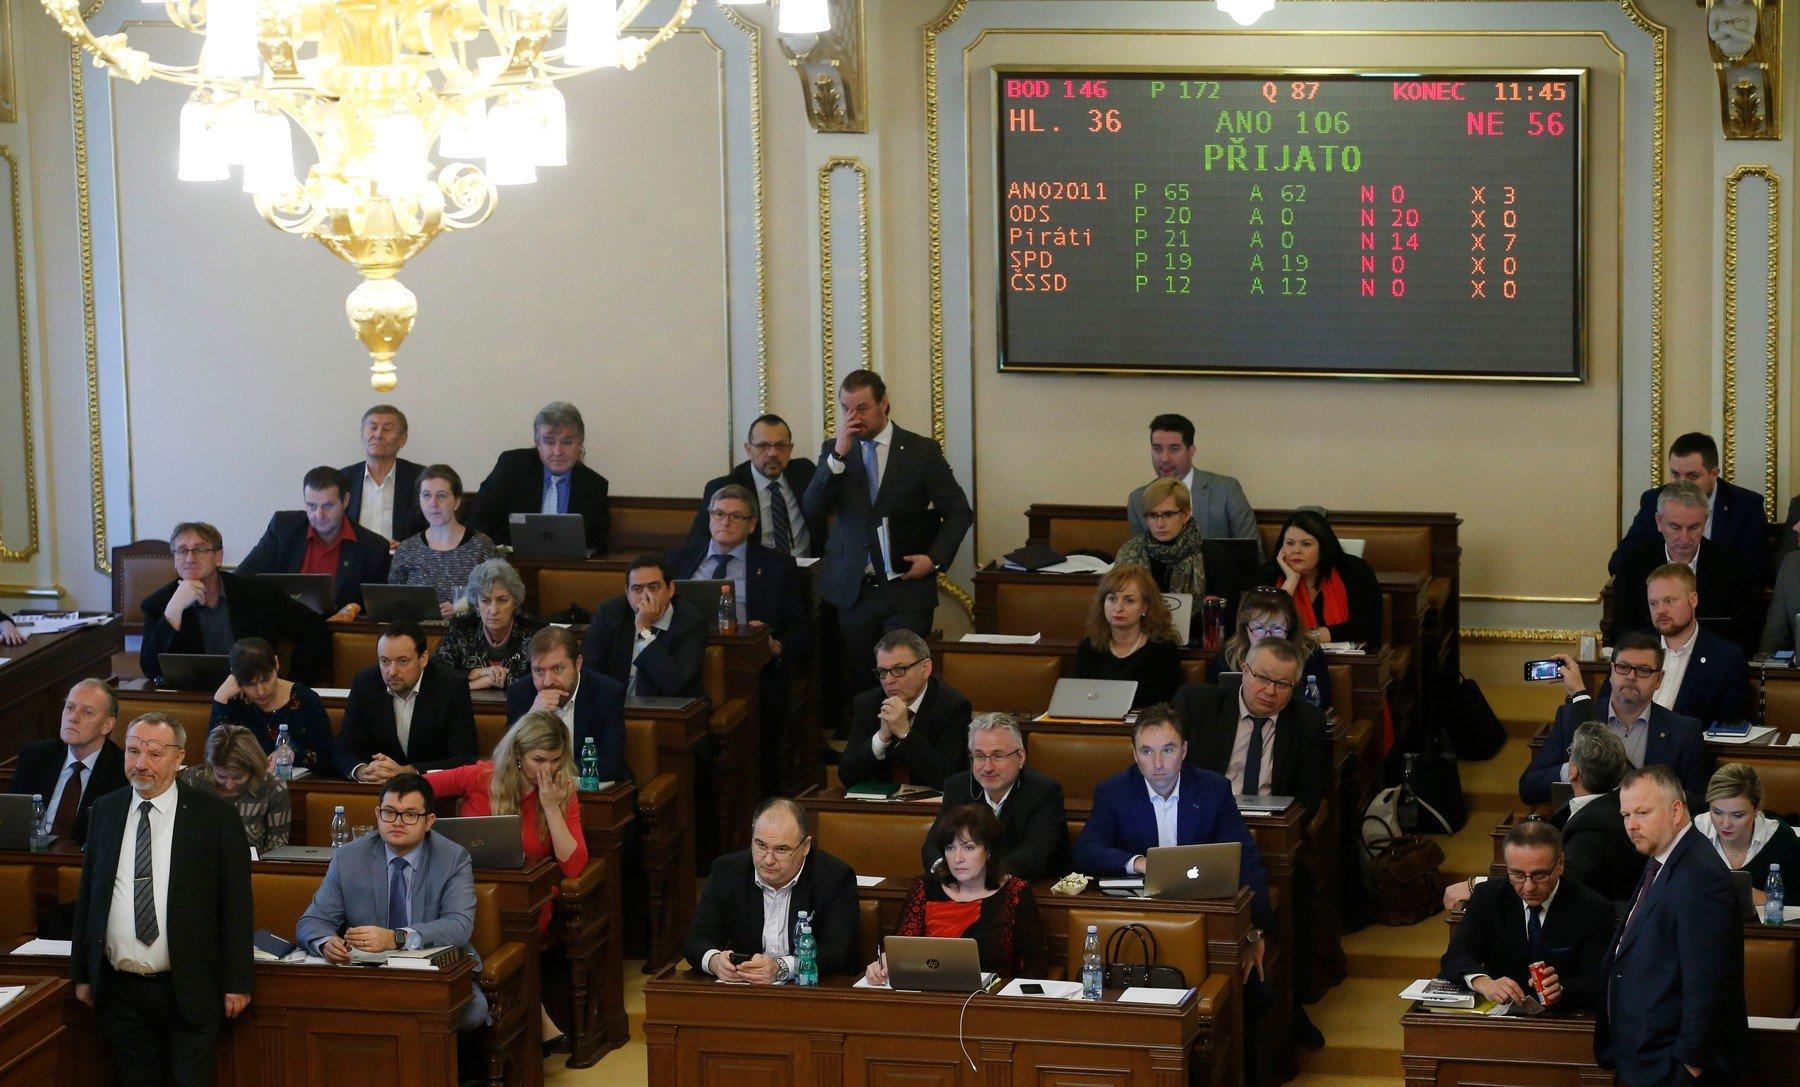 Poslanci KSČM a ČSSD hlasují o zdanění církevních restitucí